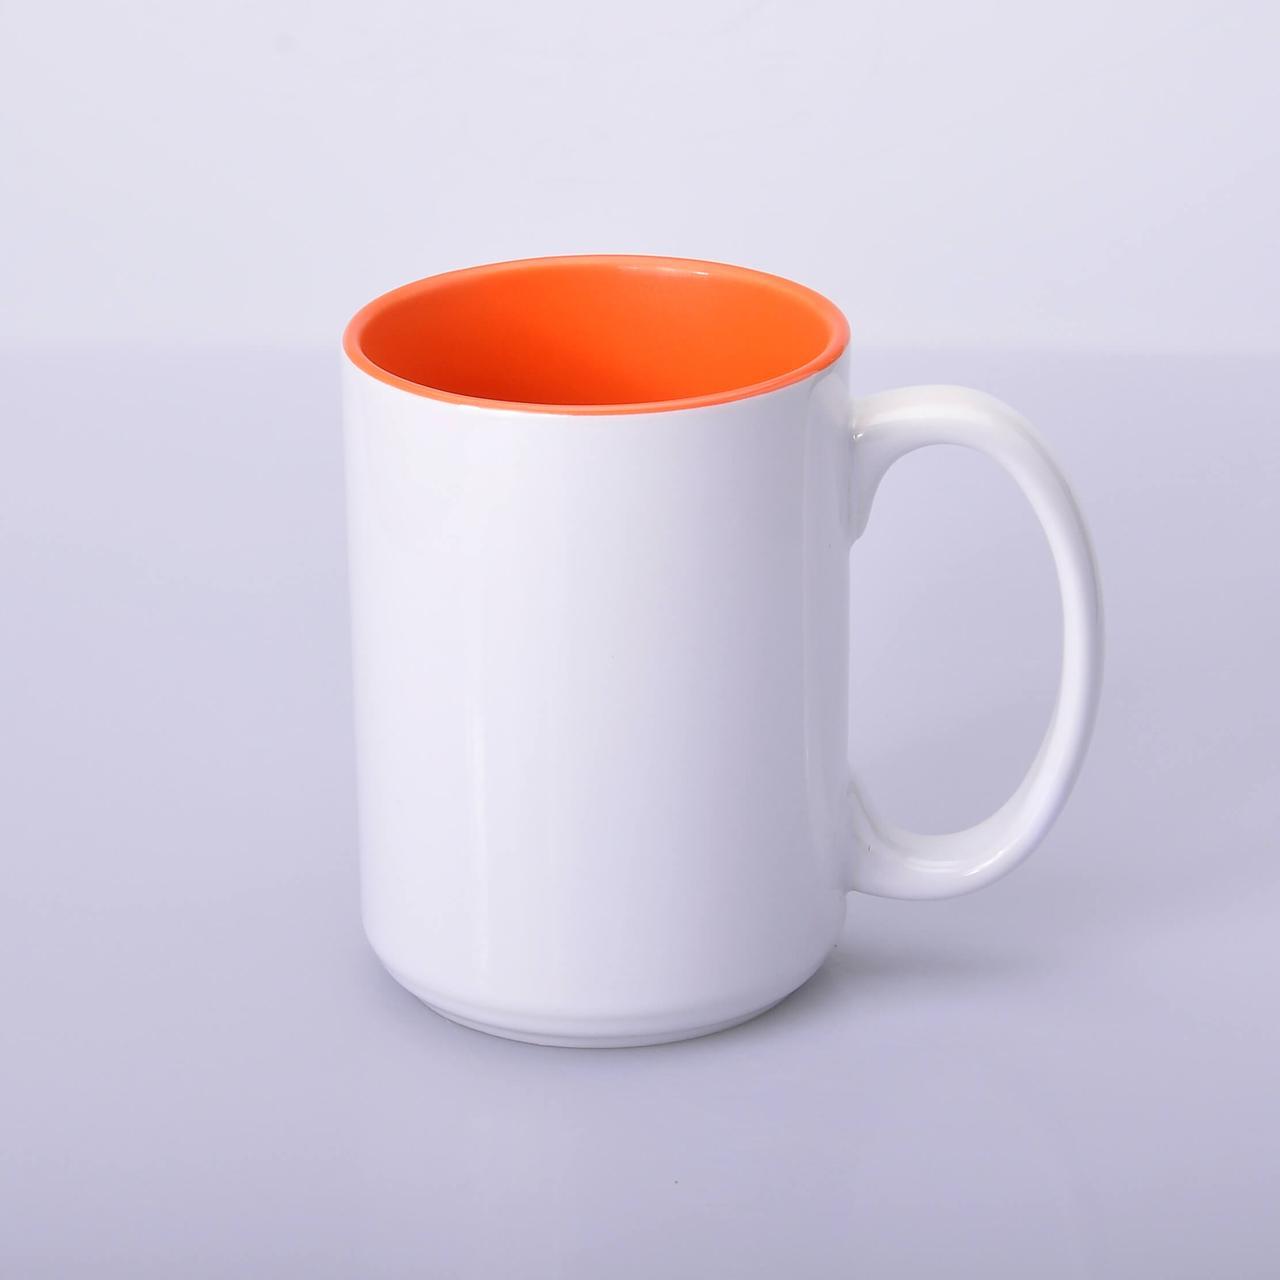 Кружка для сублимации цветная внутри 425 мл (Оранжевый)